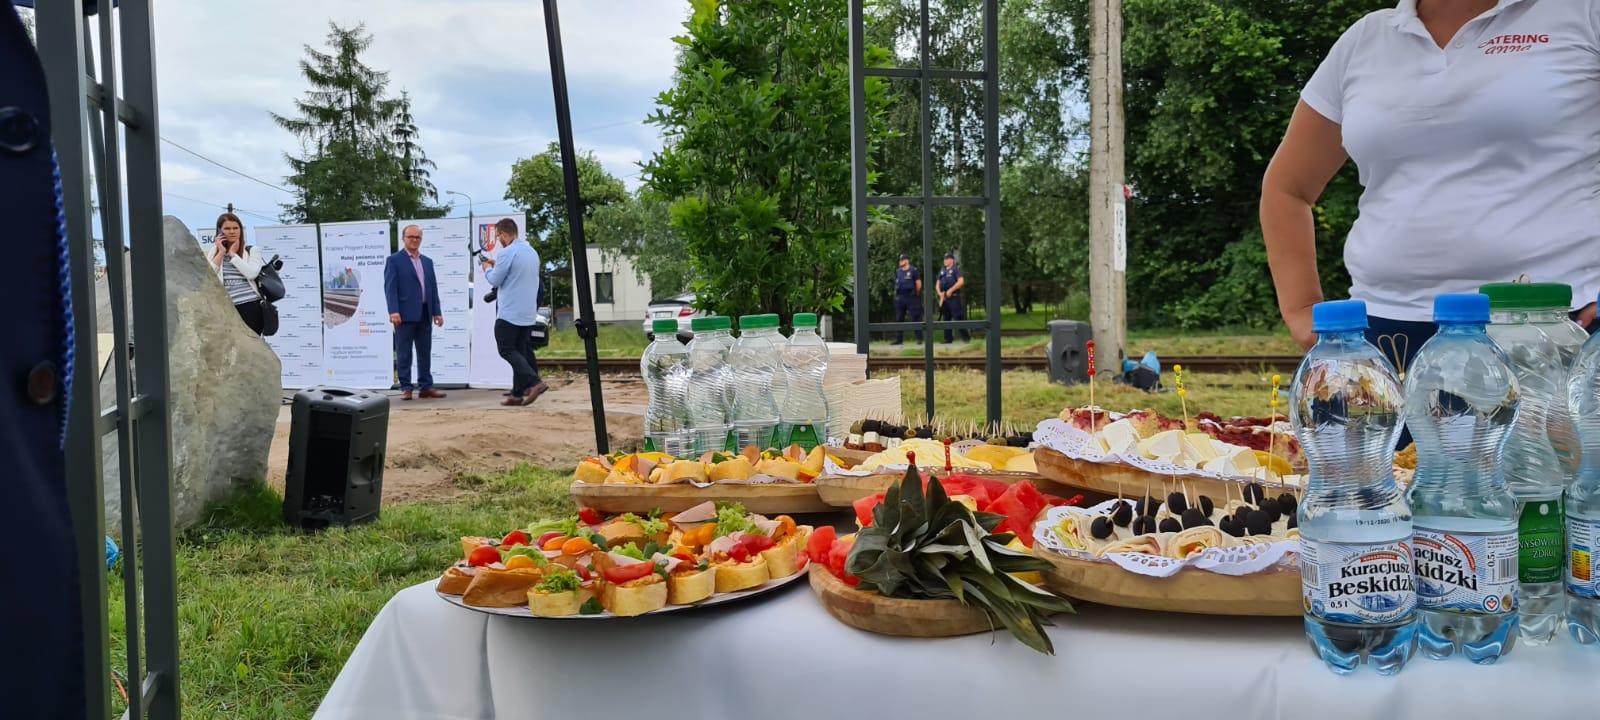 Specjalne przygotowania na wizytę ministra. Jest nawet stolik z cateringiem [FOTO]